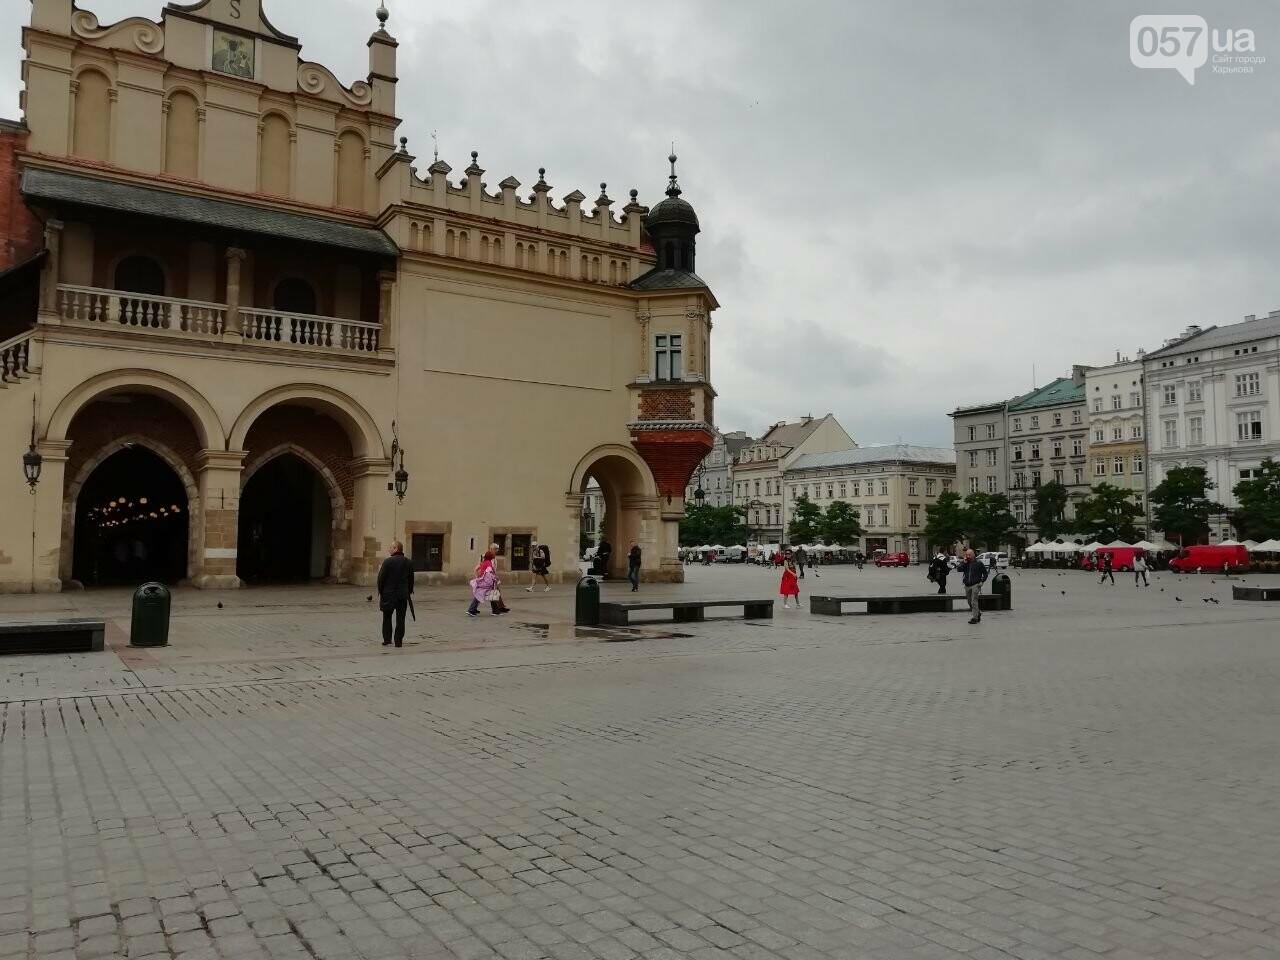 Из Харькова в Краков: Королевский замок, средневековые здания и музей под землей, - ФОТО, фото-1